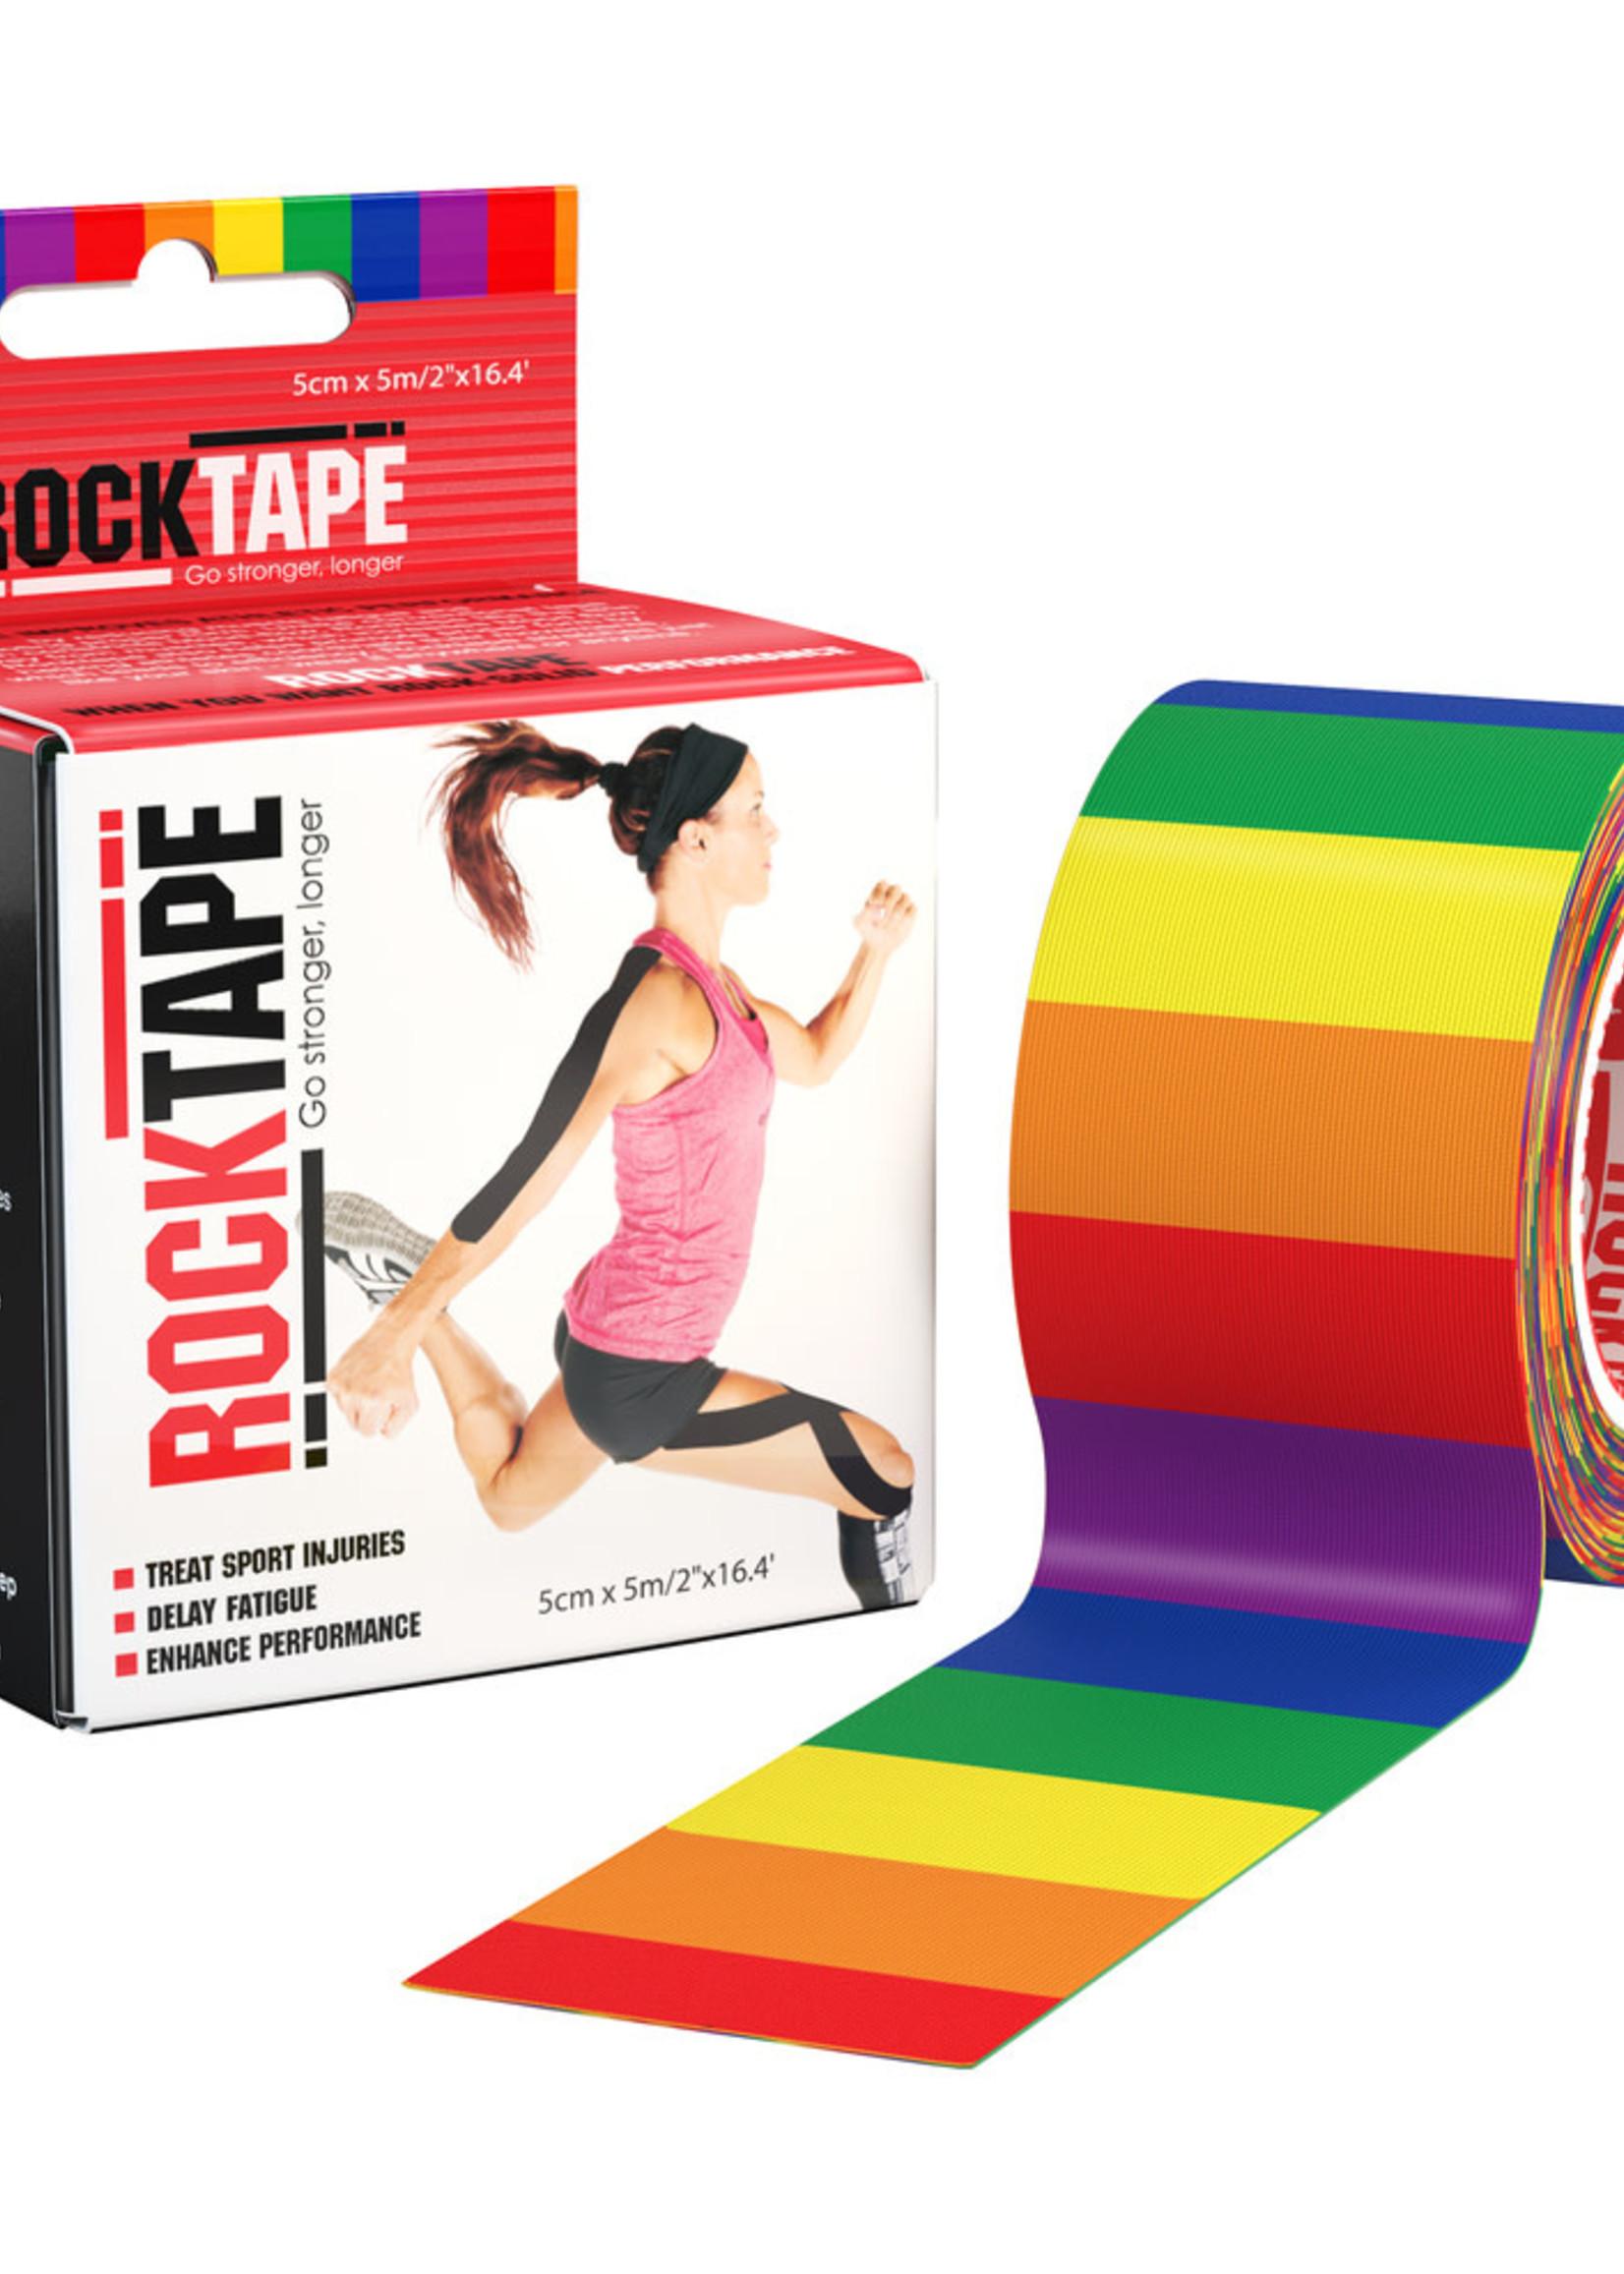 RockTape RockTape Kinesiology Tape